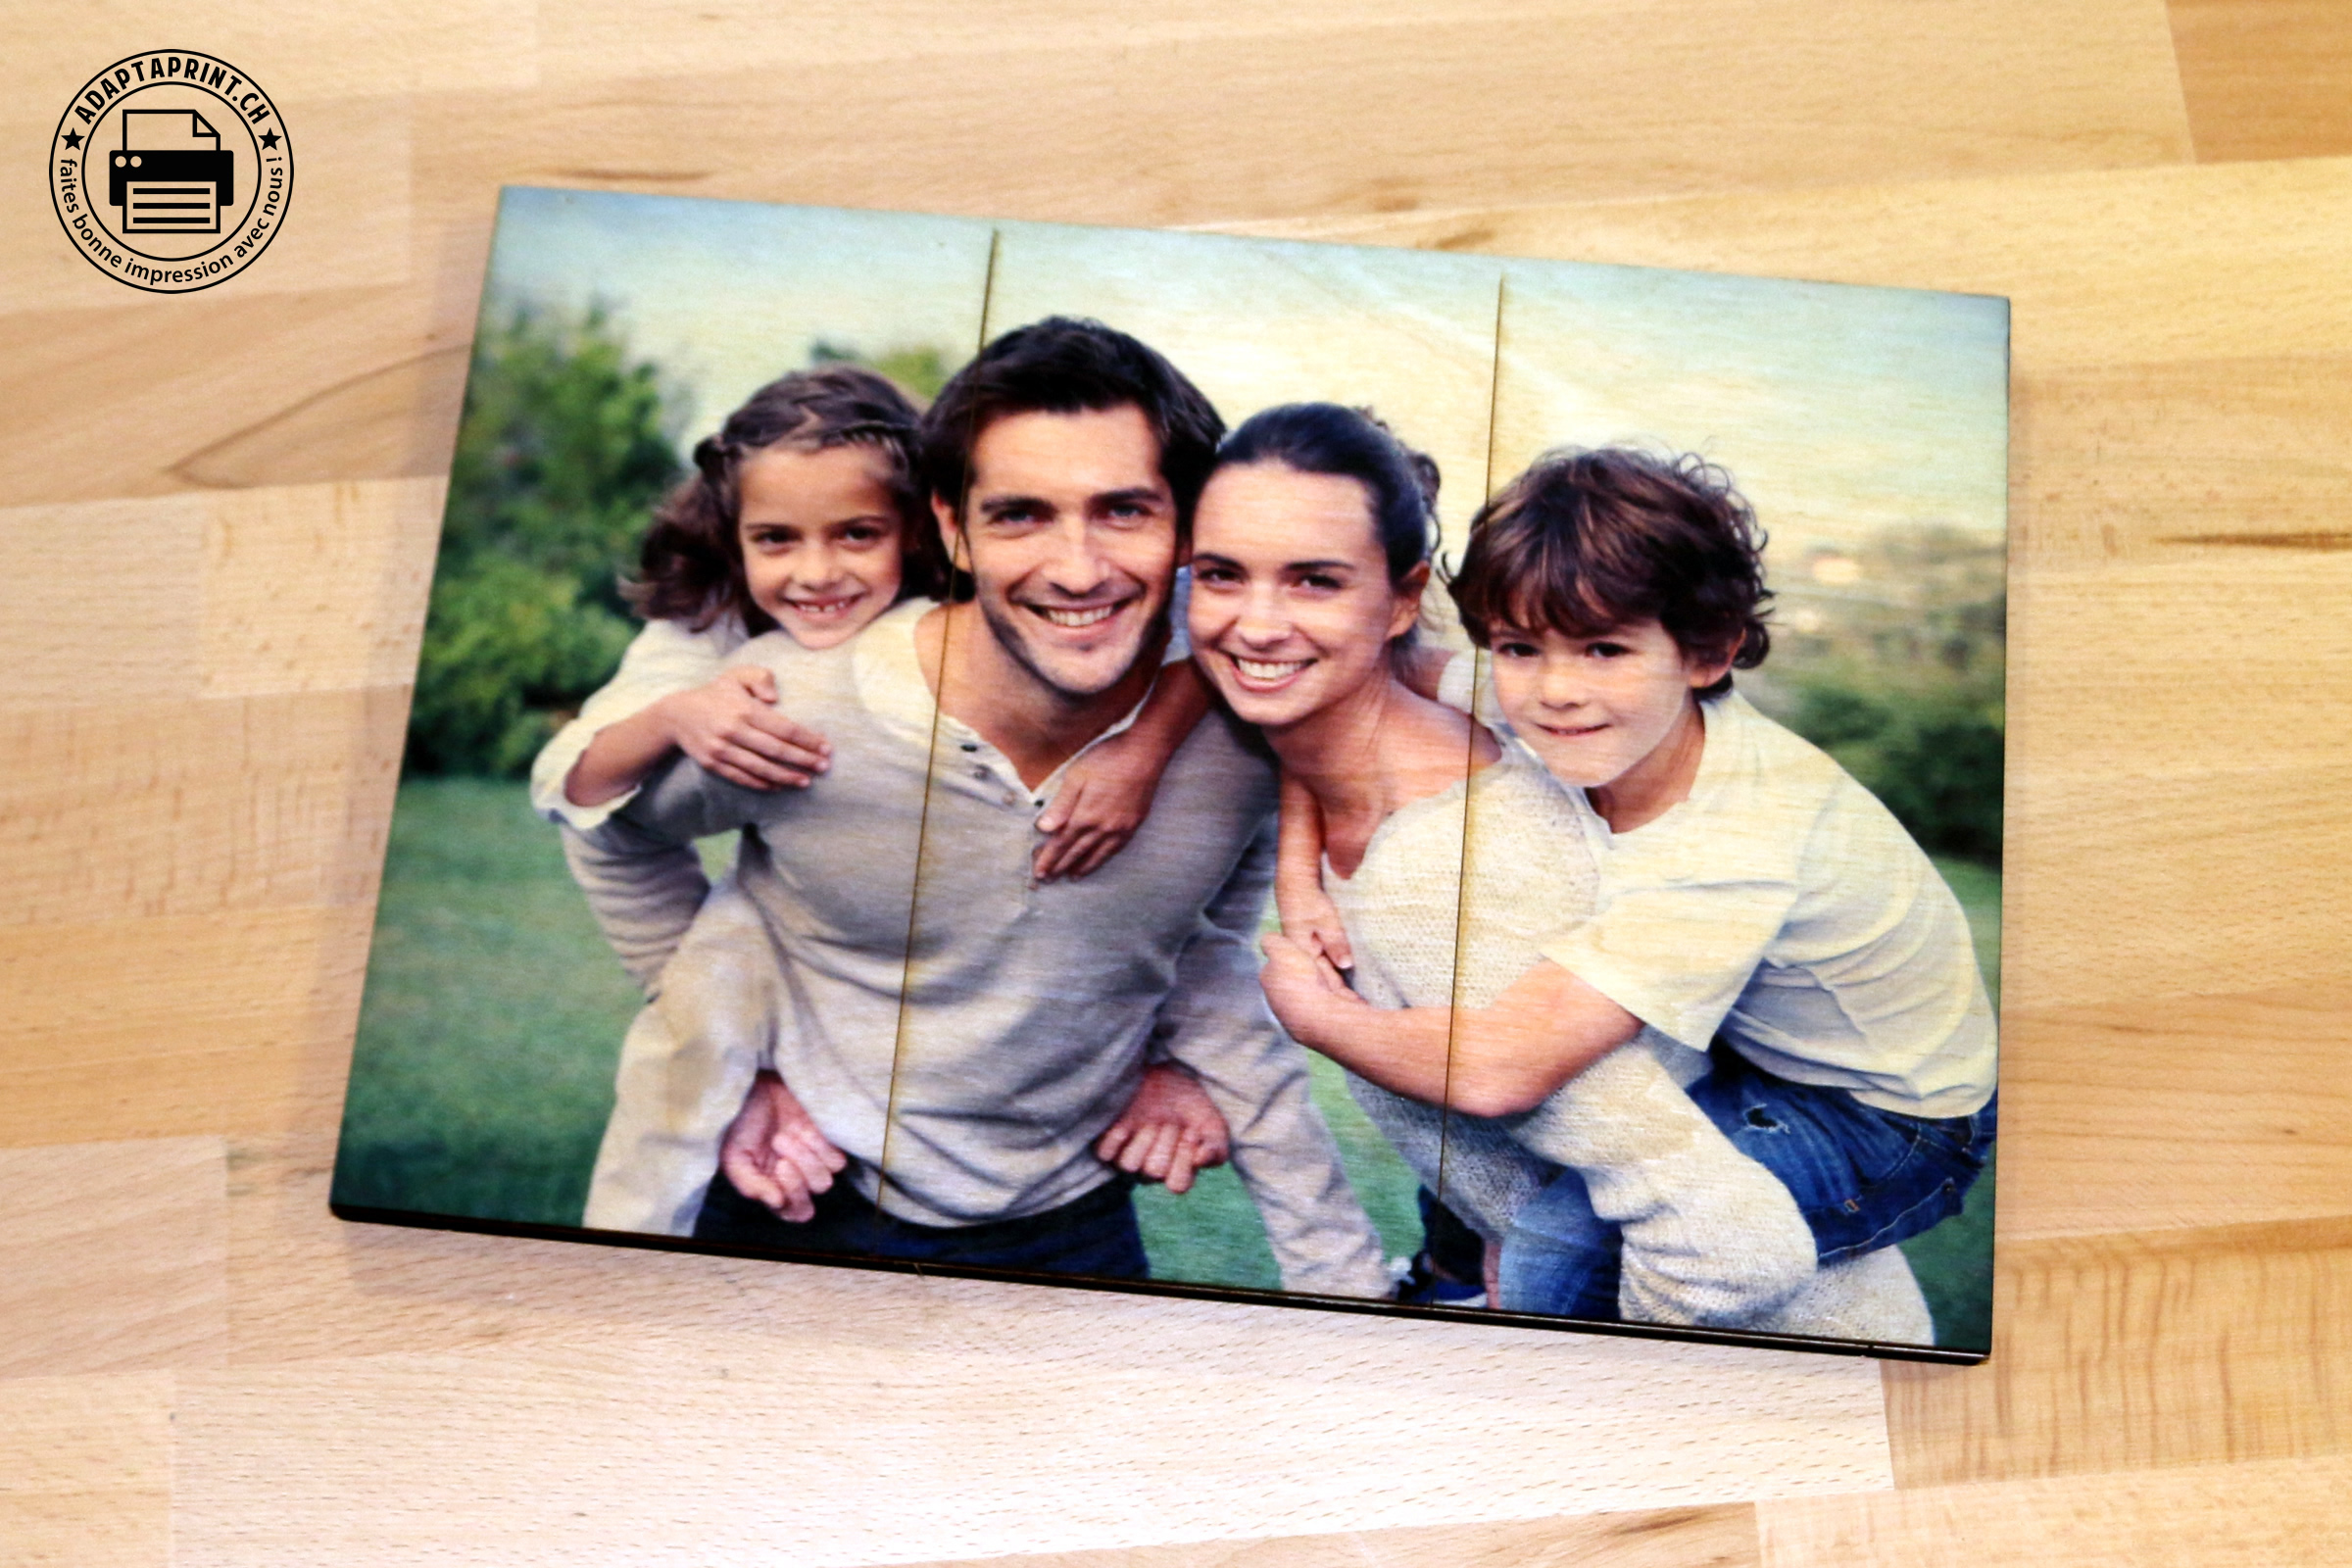 Impression Photo Planche Bois adaptaprint - panneaux bois personnalisés par sublimation